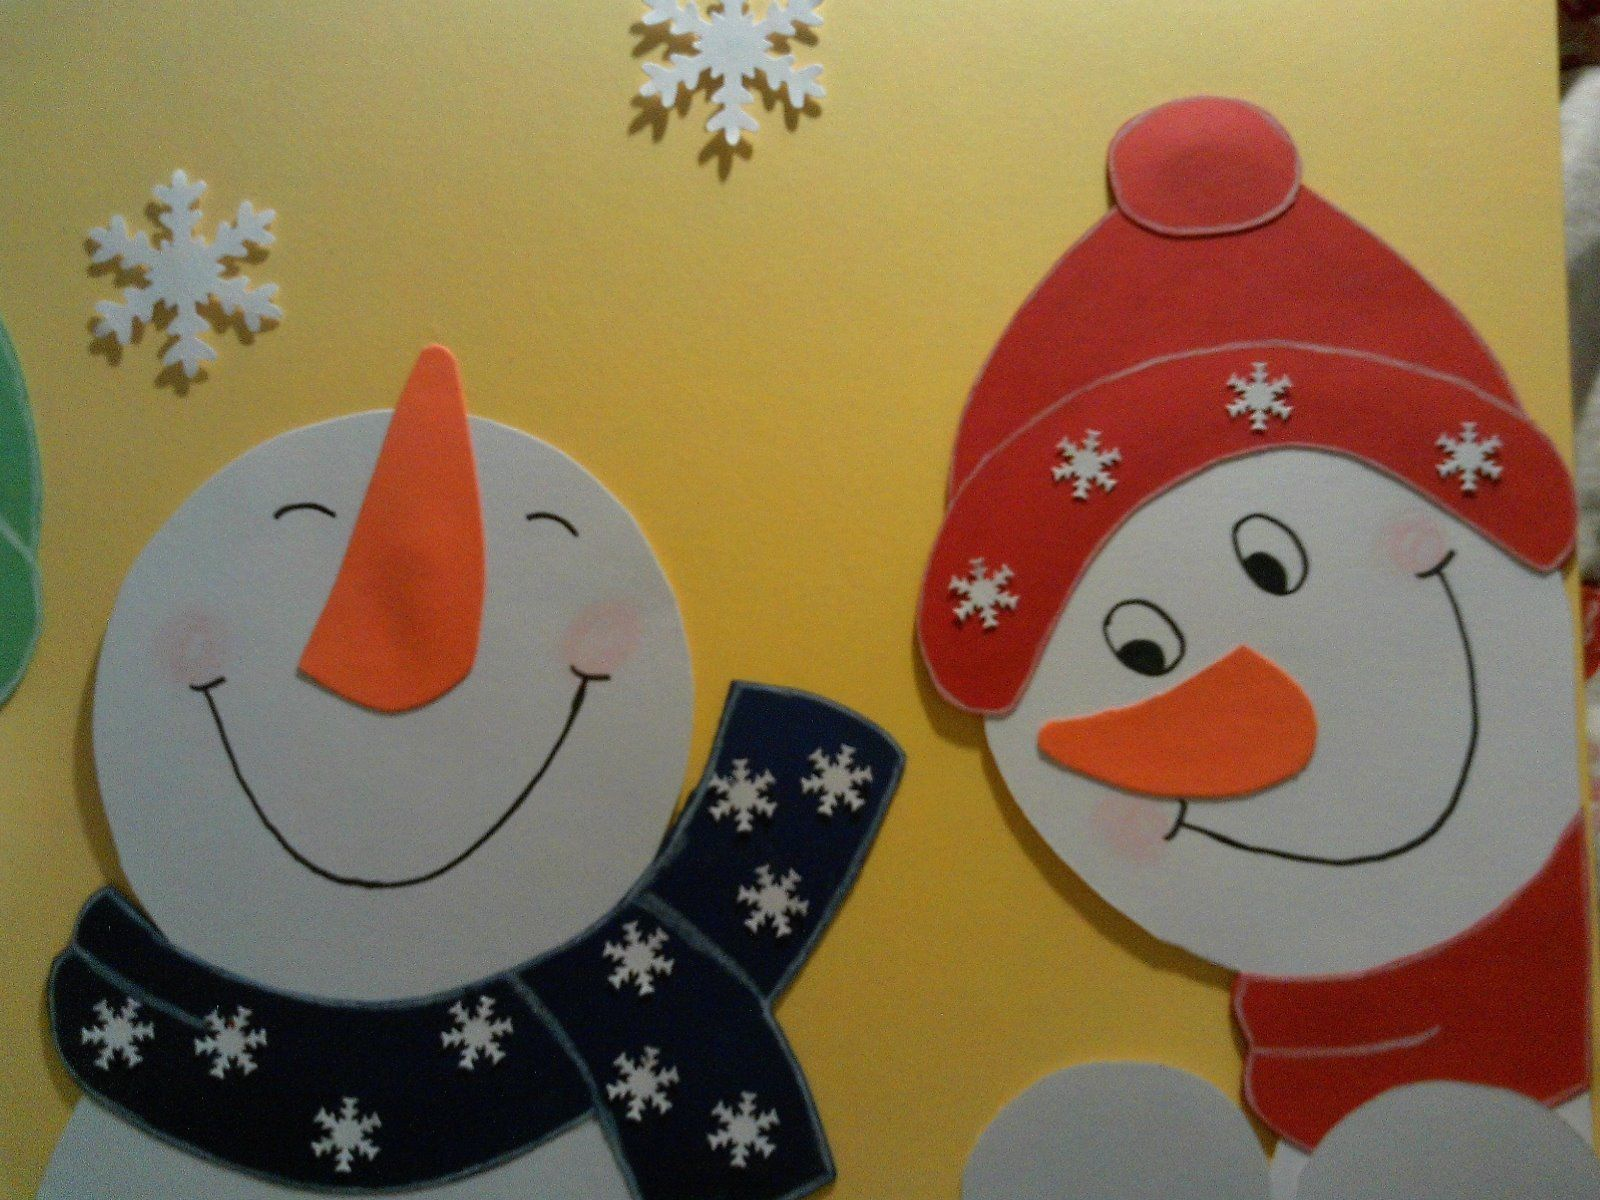 Fensterbilder Kinderzimmer ~ Fenstergucker schneemänner fensterbilder tonkarton nikolaus